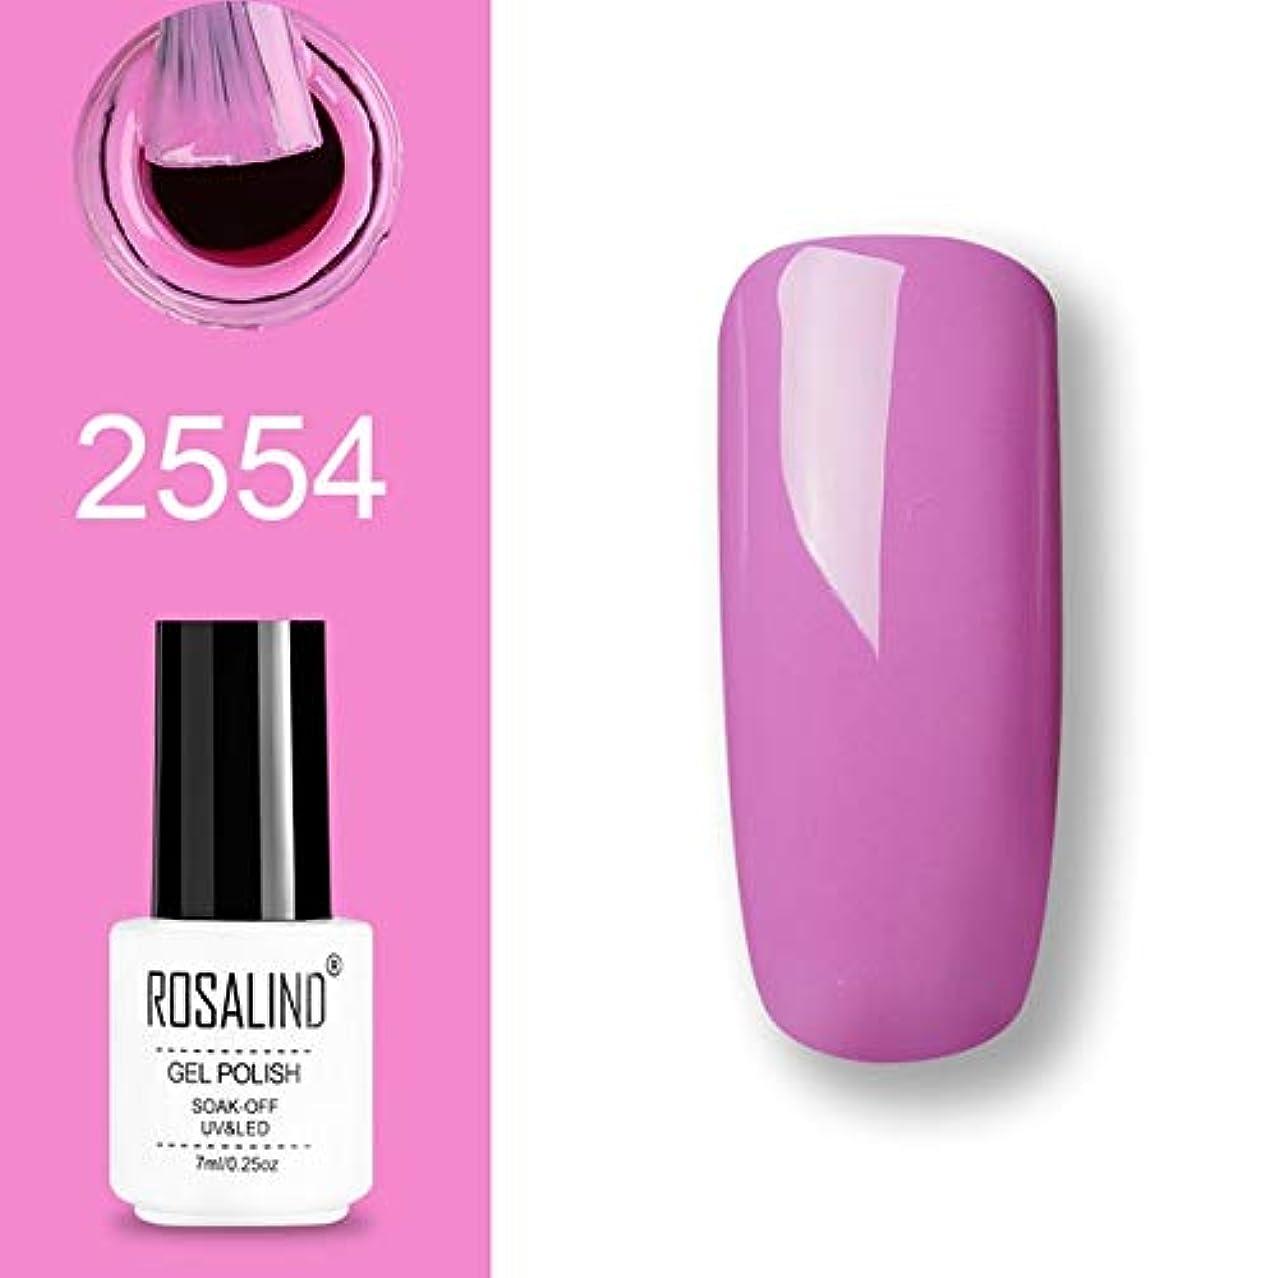 バンガロー運命難しいファッションアイテム ROSALINDジェルポリッシュセットUVセミパーマネントプライマートップコートポリジェルニスネイルアートマニキュアジェル、ピンク、容量:7ml 2554。 環境に優しいマニキュア